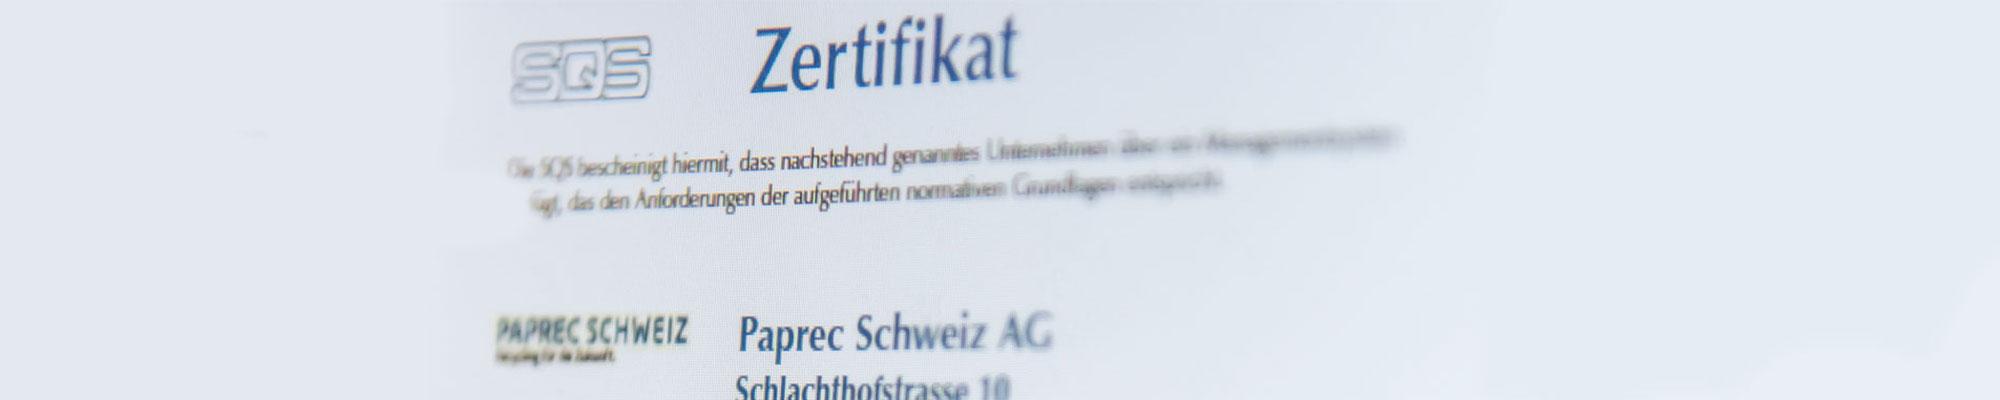 Ausschnitt aus einem SQS-Zertifikat